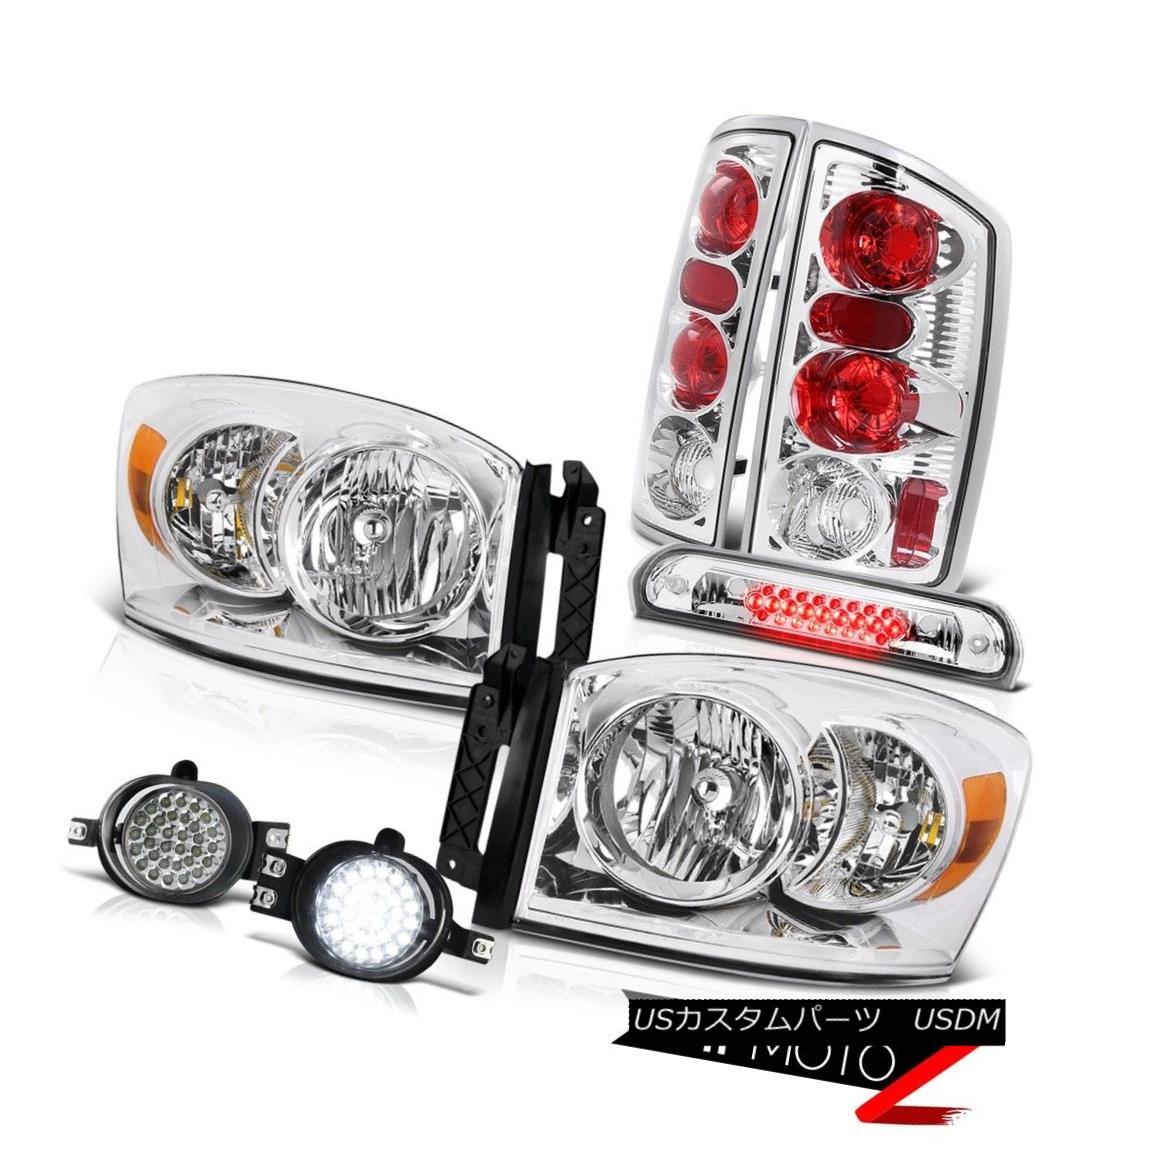 テールライト L+R Headlamps Rear Signal Tail Lights SMD LED Fog 3rd Brake Cargo 2006 Dodge Ram L + RヘッドランプリアシグナルテールライトSMD LEDフォグ第3ブレーキカーゴ2006 Dodge Ram